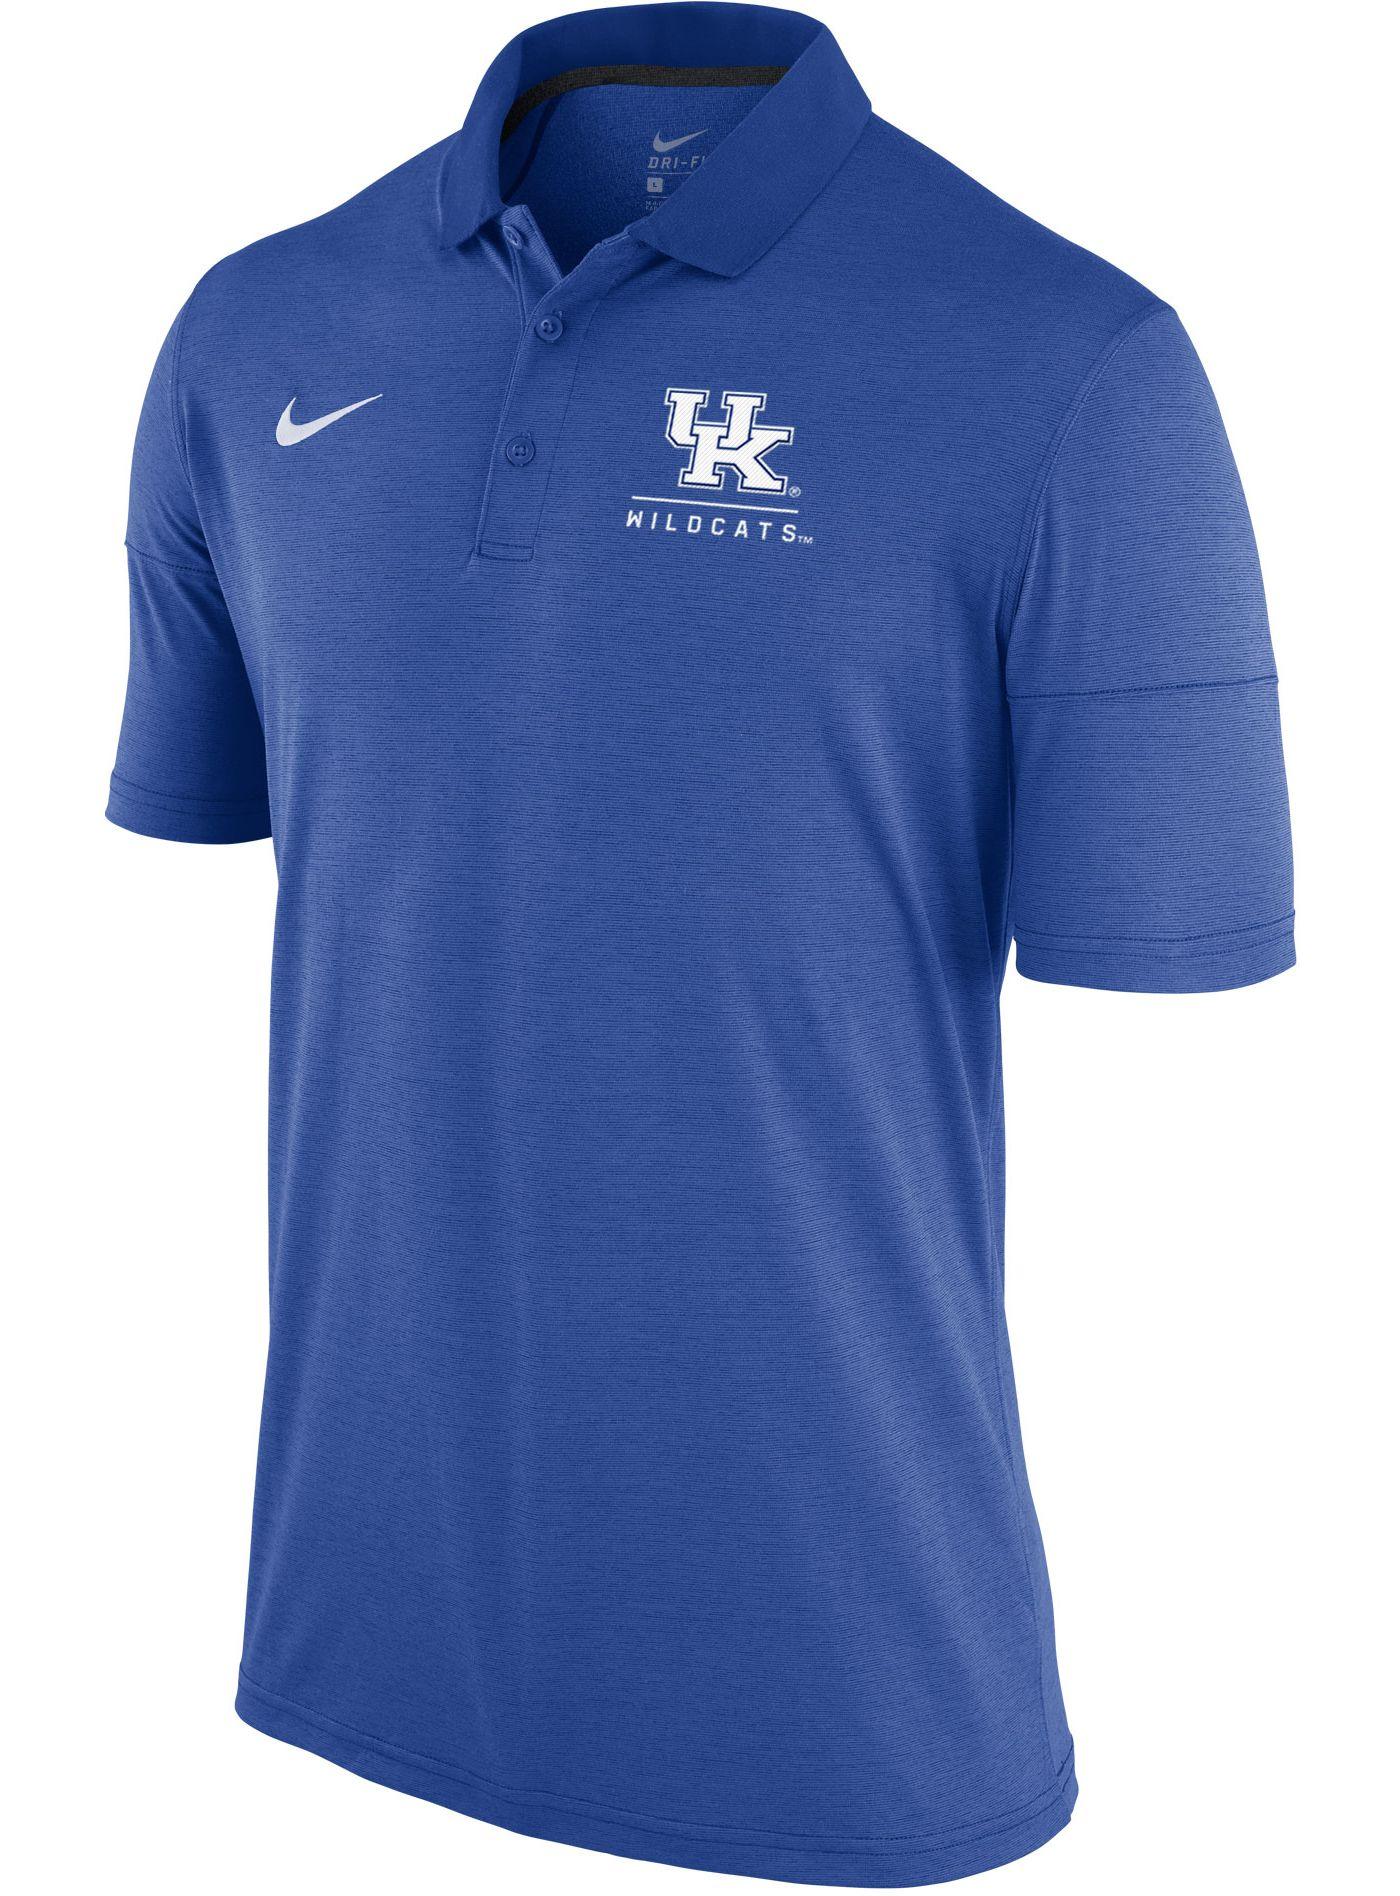 Nike Men's Kentucky Wildcats Blue Dry Lightweight Polo